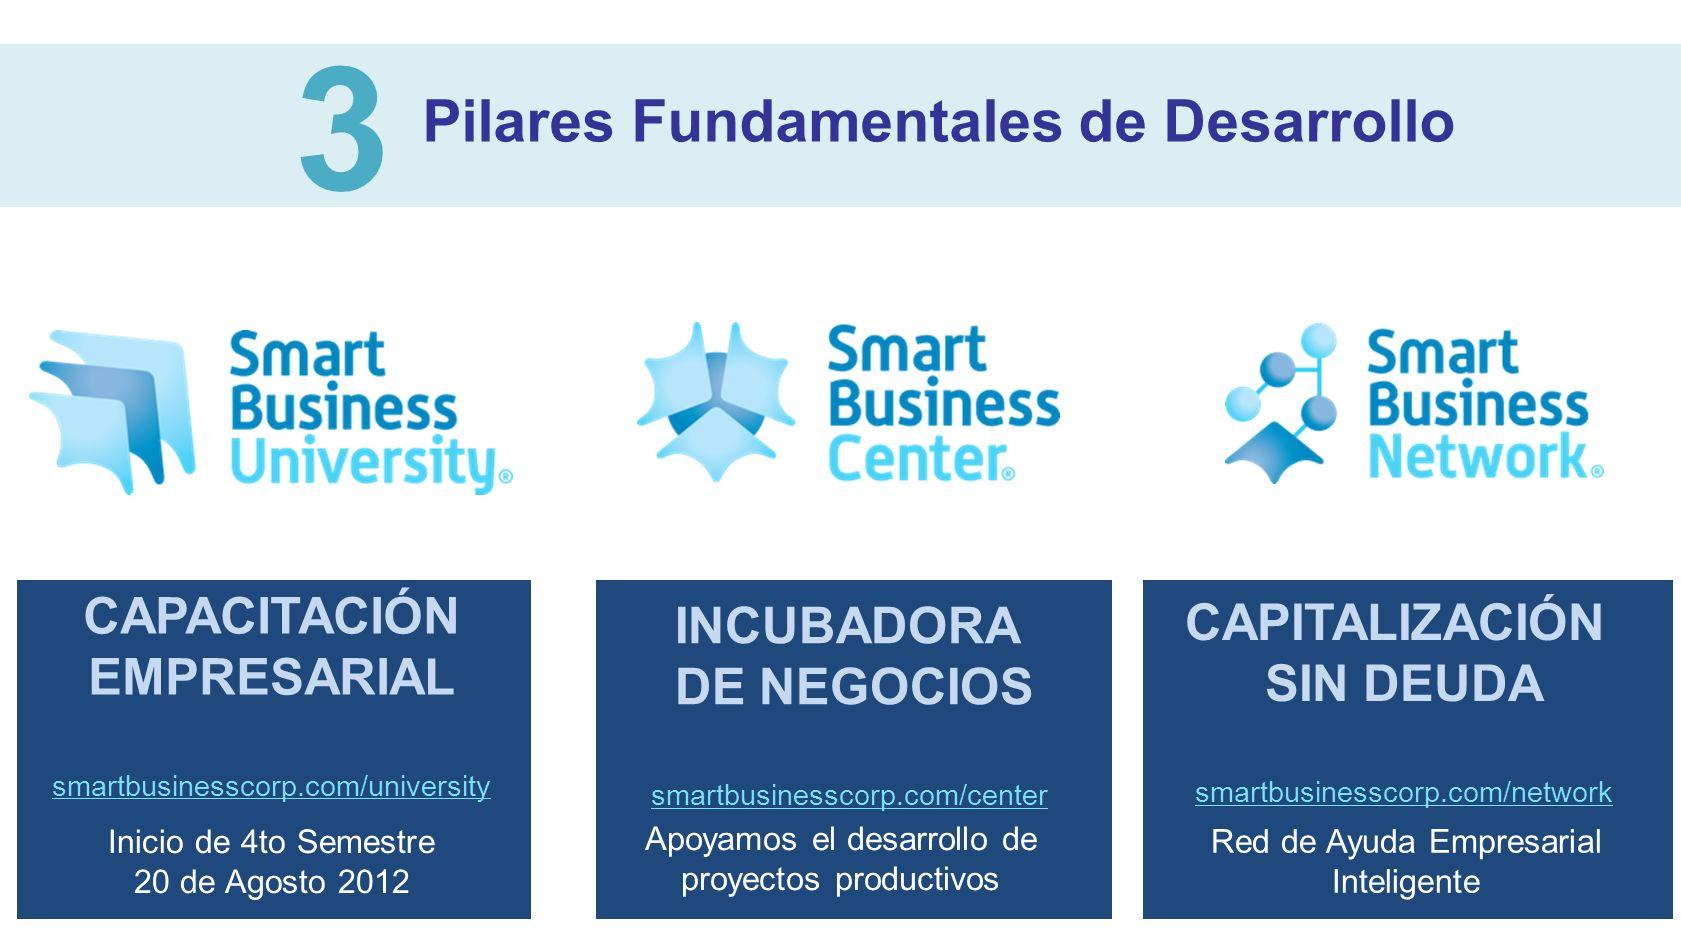 Pilares Fundamentales de Desarrollo 3 CAPACITACIÓN EMPRESARIAL smartbusinesscorp.com/university Inicio de 4to Semestre 20 de Agosto 2012 INCUBADORA DE